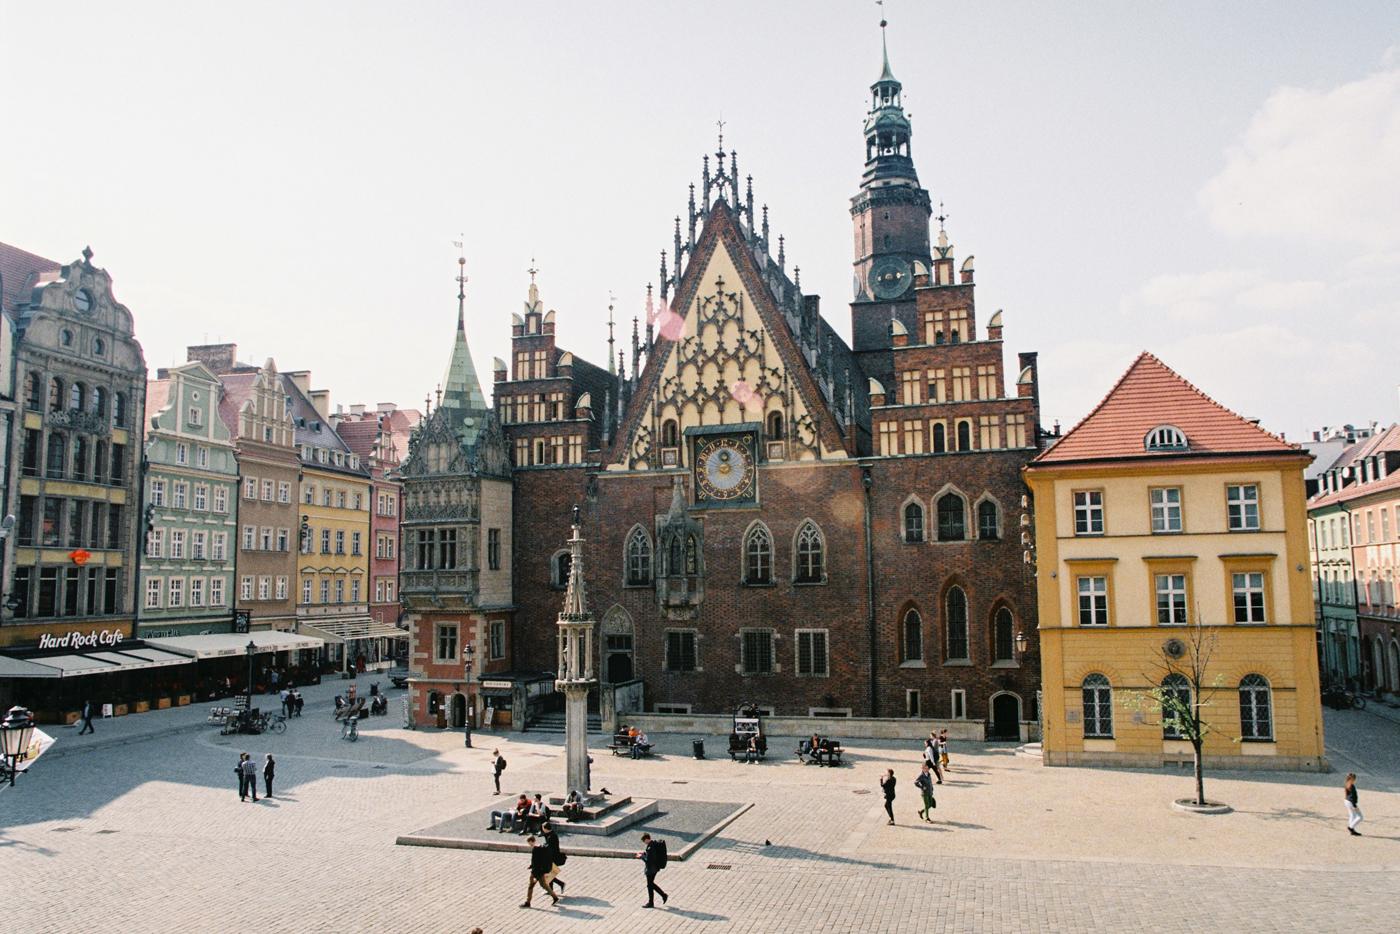 Площадь Рынок во Вроцлаве. Фотограф Польша